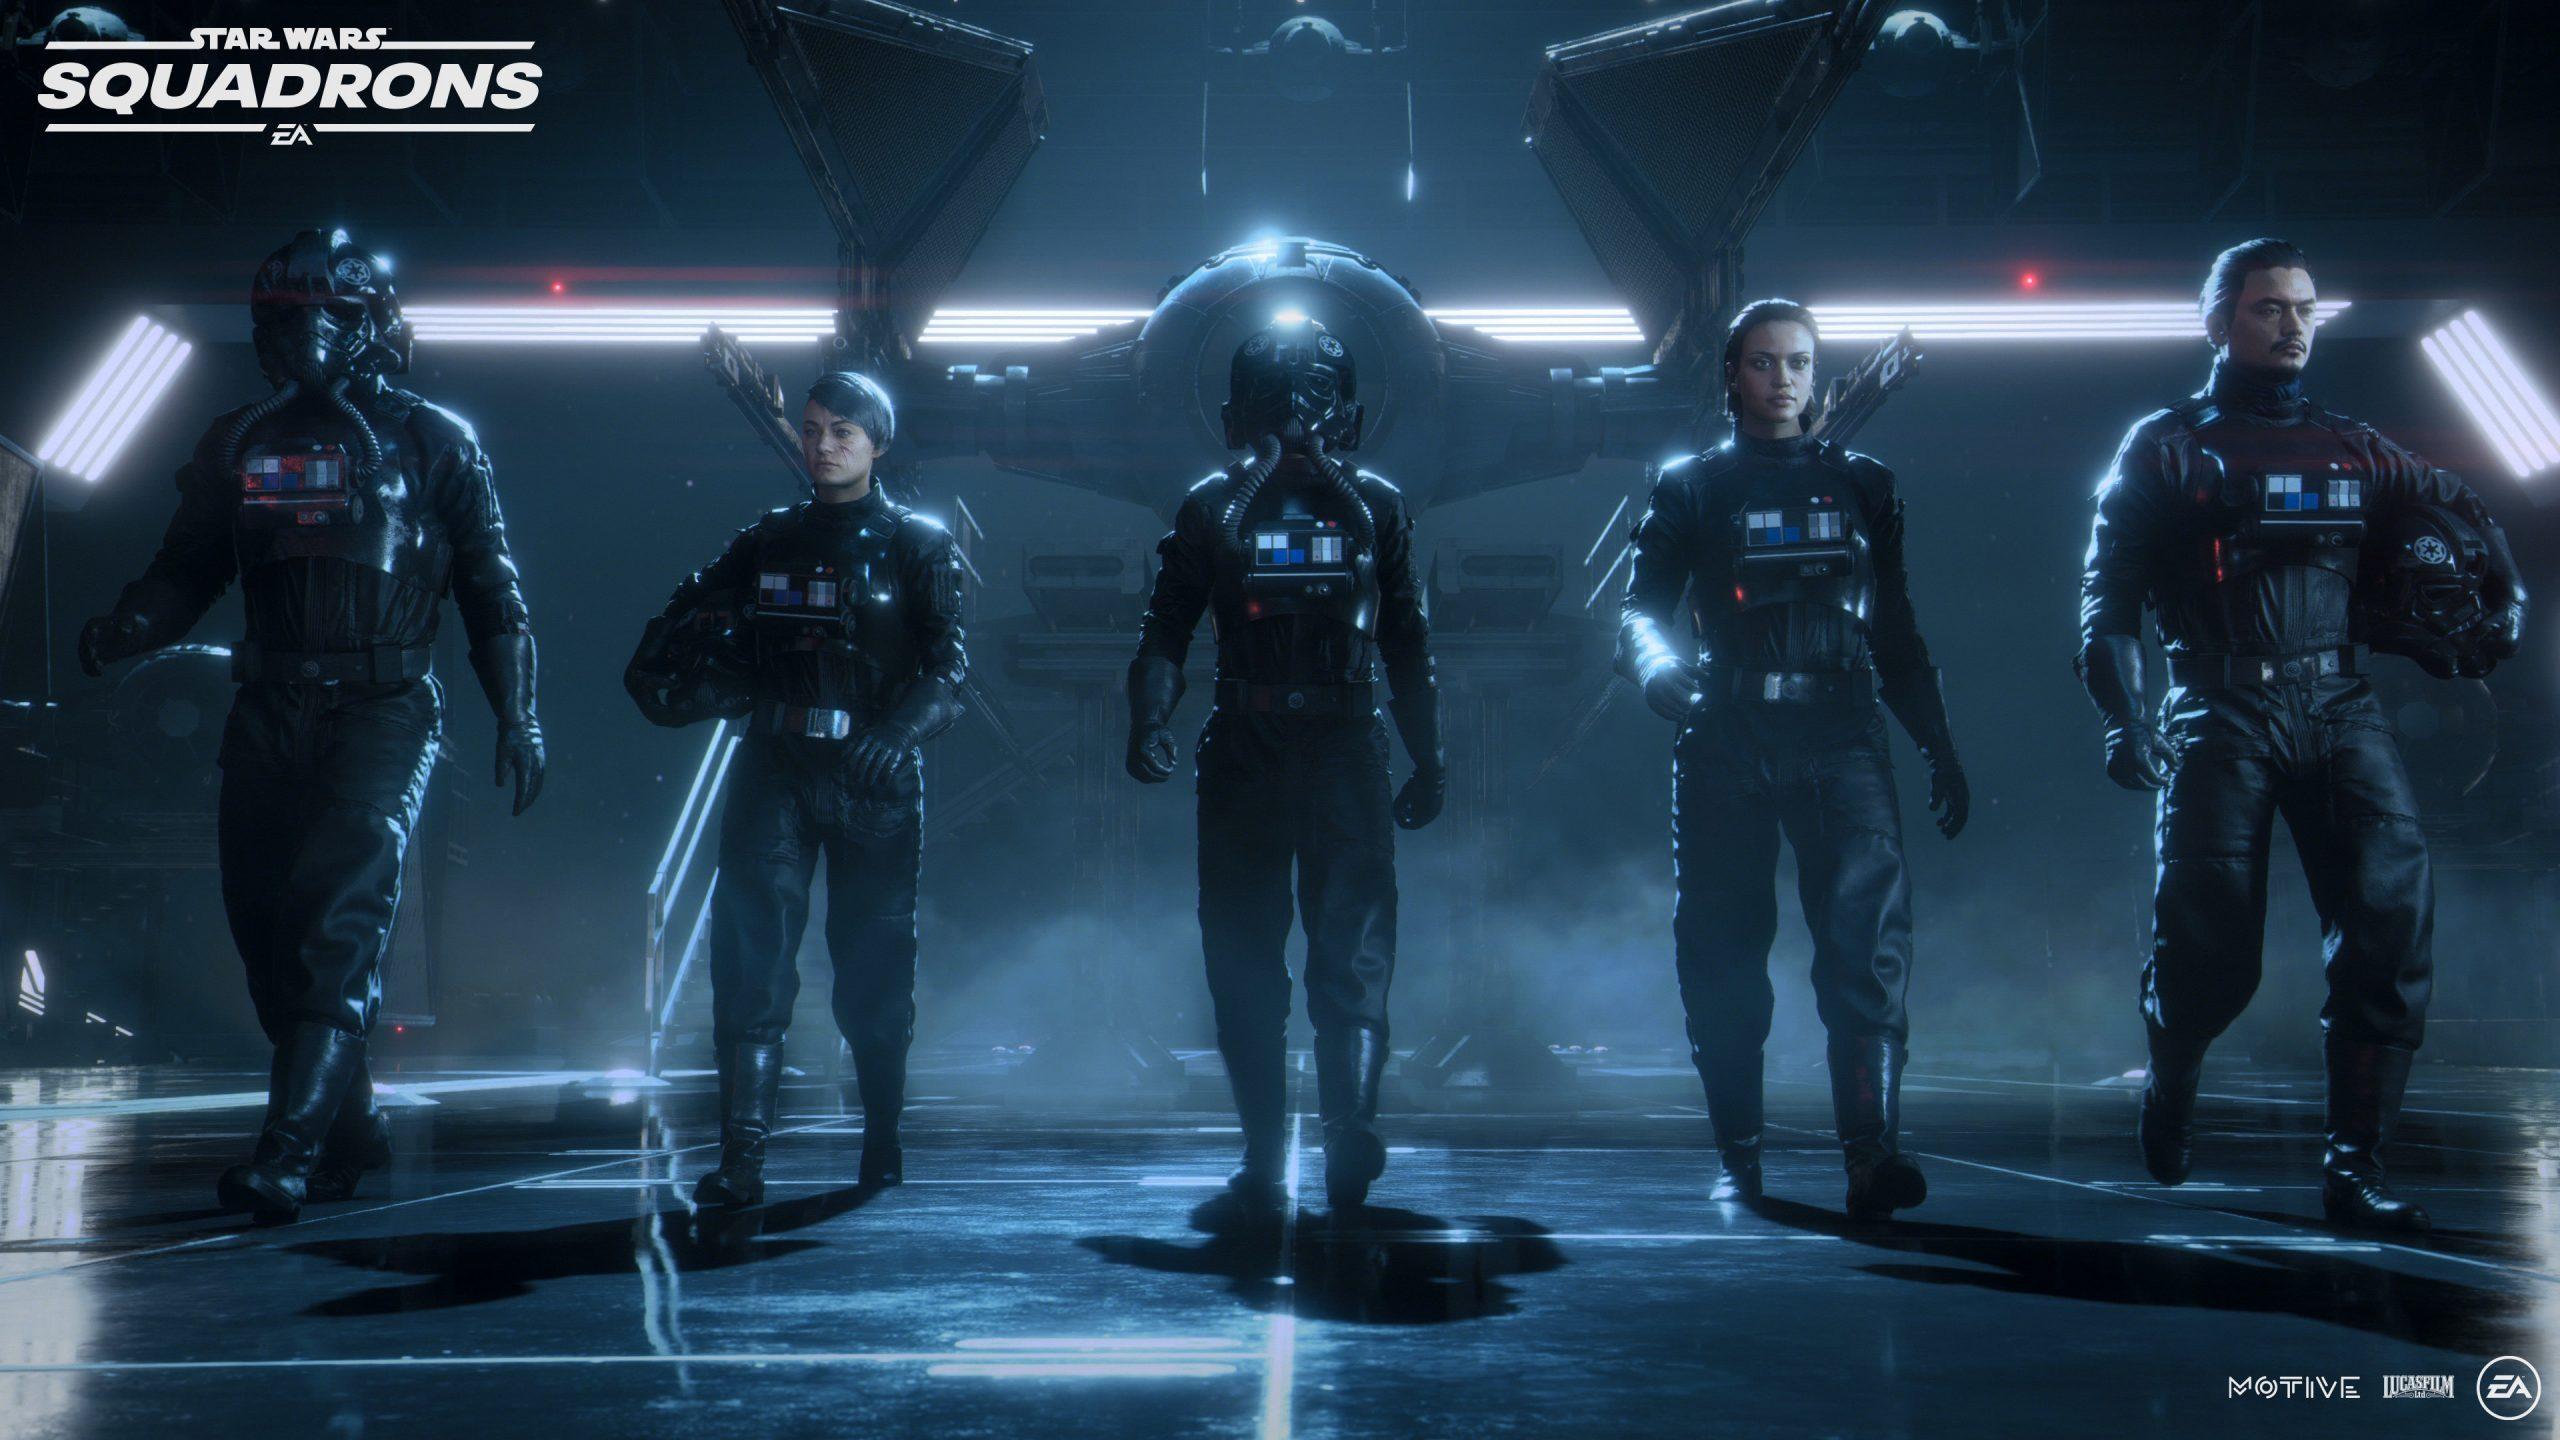 سی دی کی اریجینال Origin بازی Star Wars: Squadrons